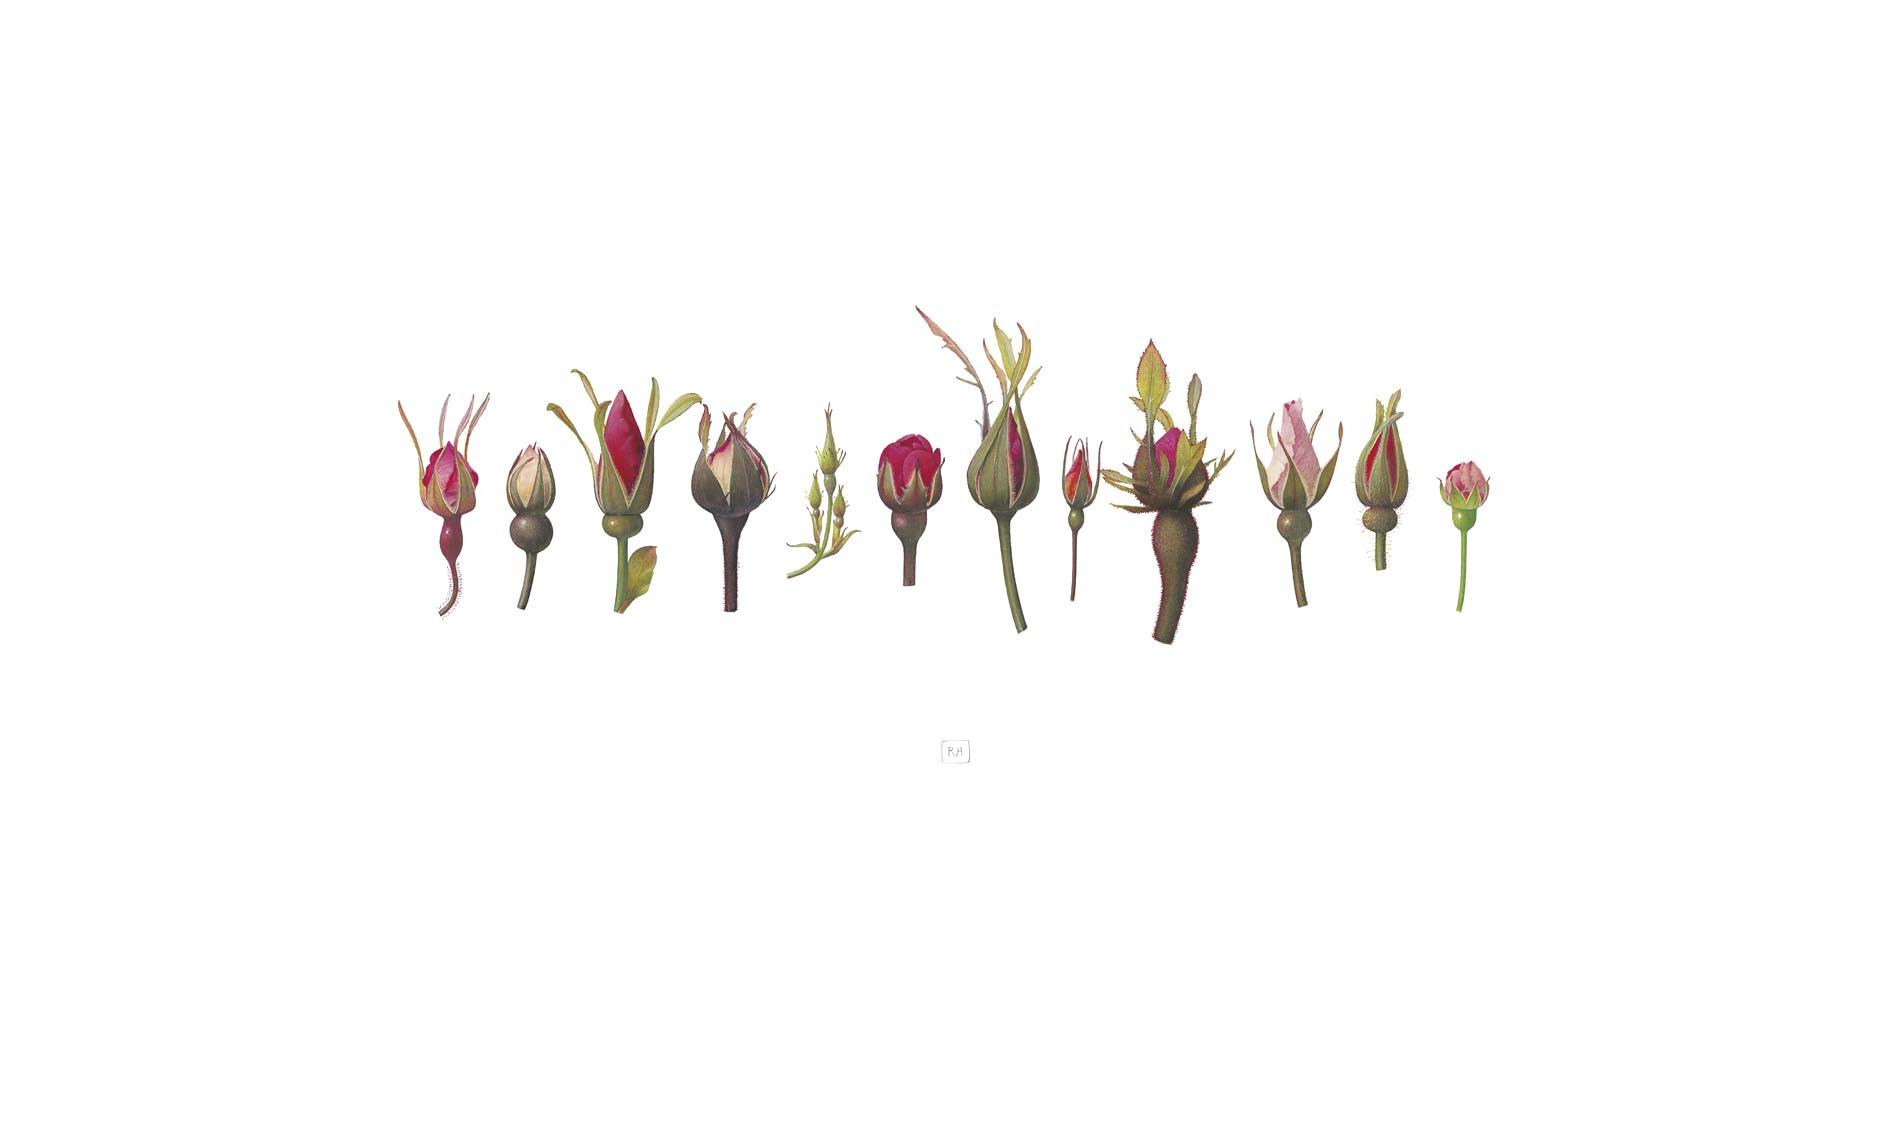 15. Rose II